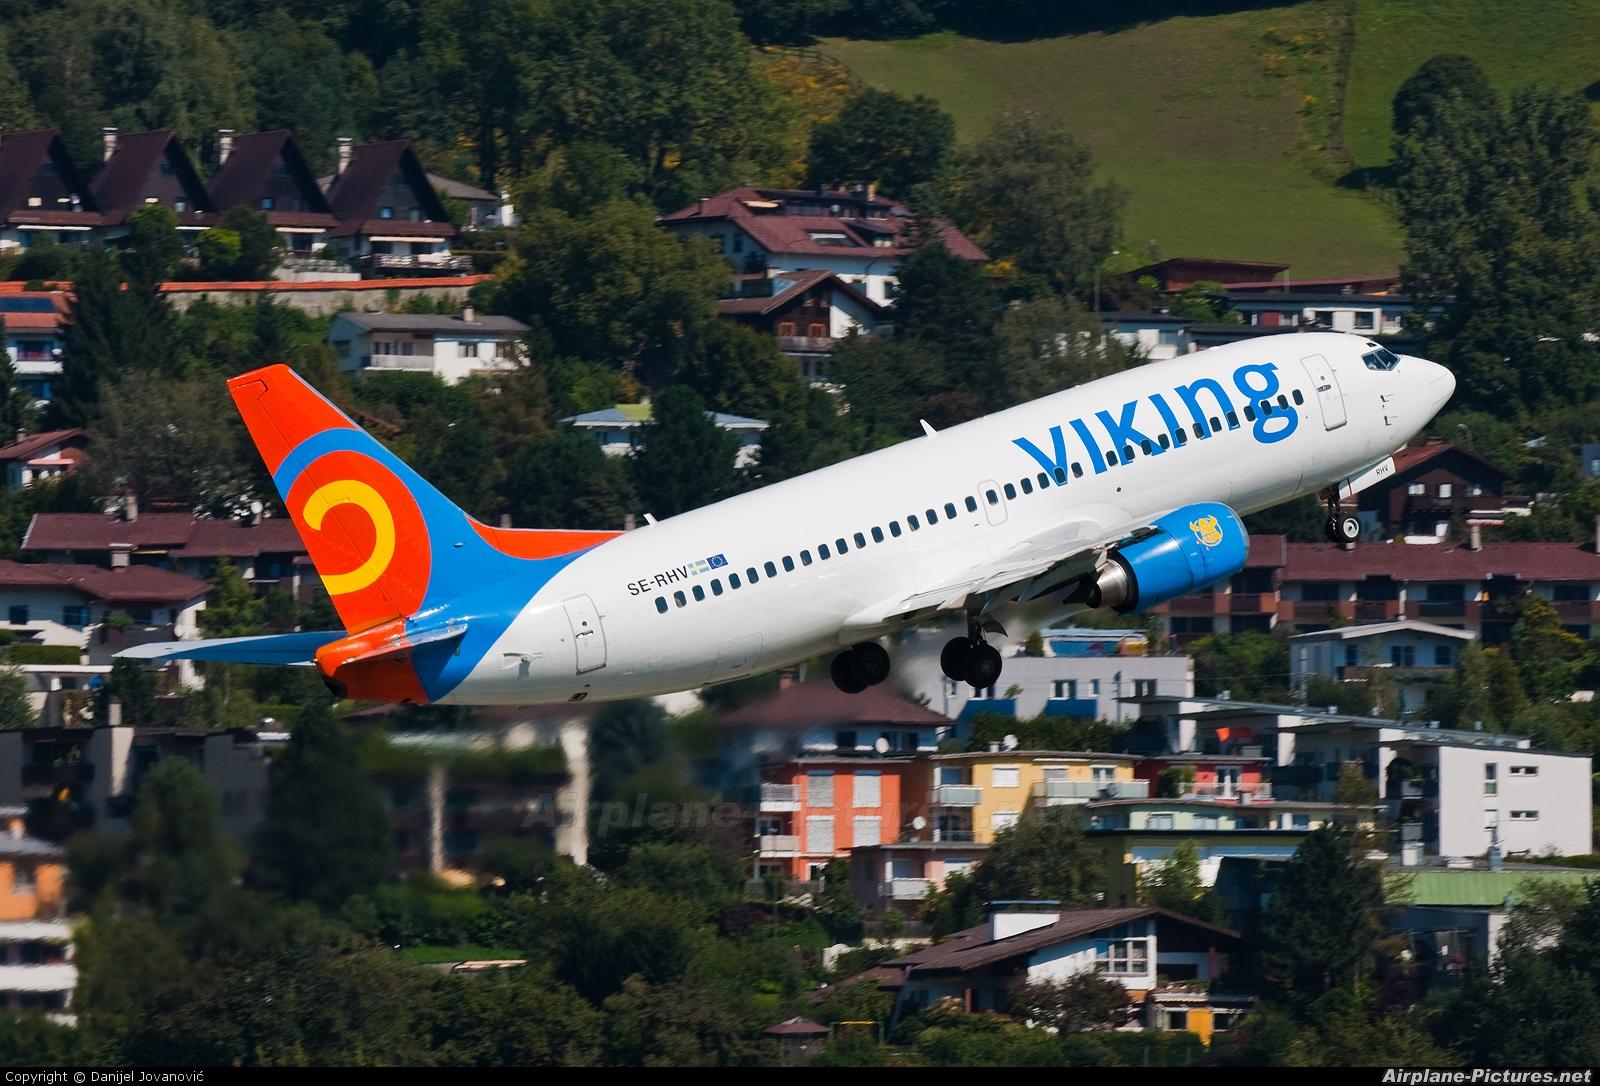 Viking Airlines SE-RHV aircraft at Innsbruck